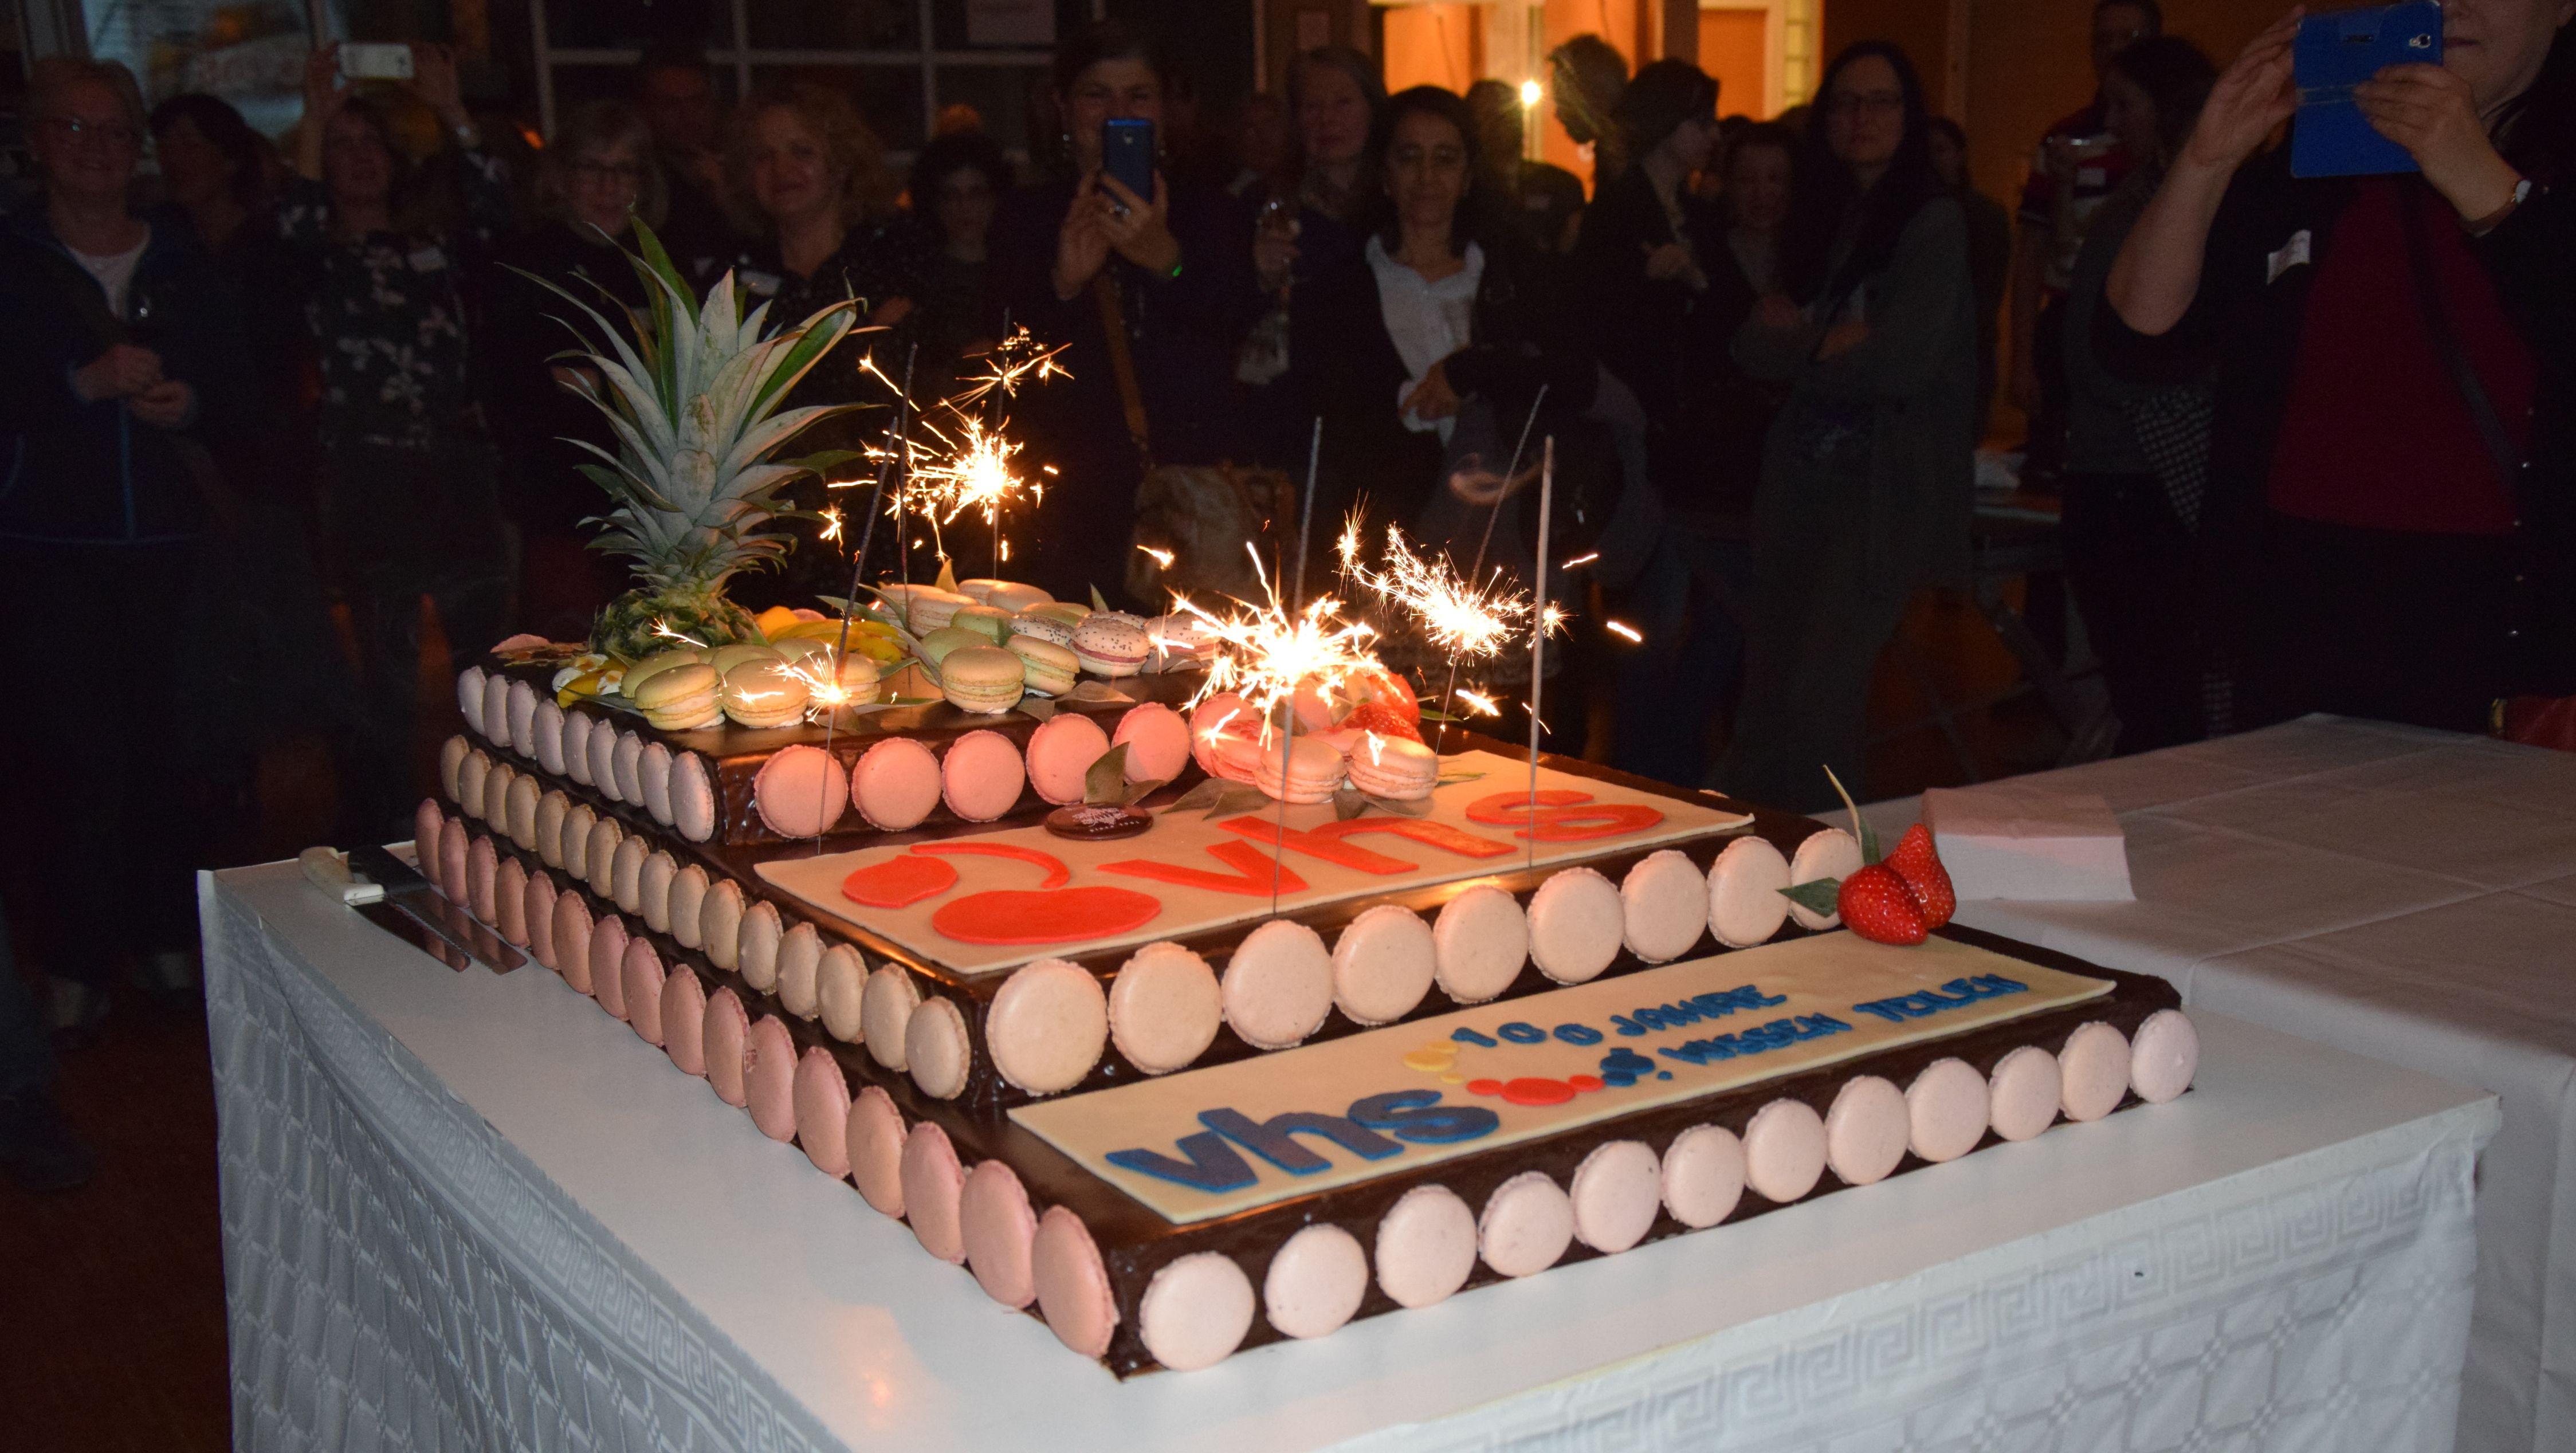 Torte 100-Jahr-Jubiläum